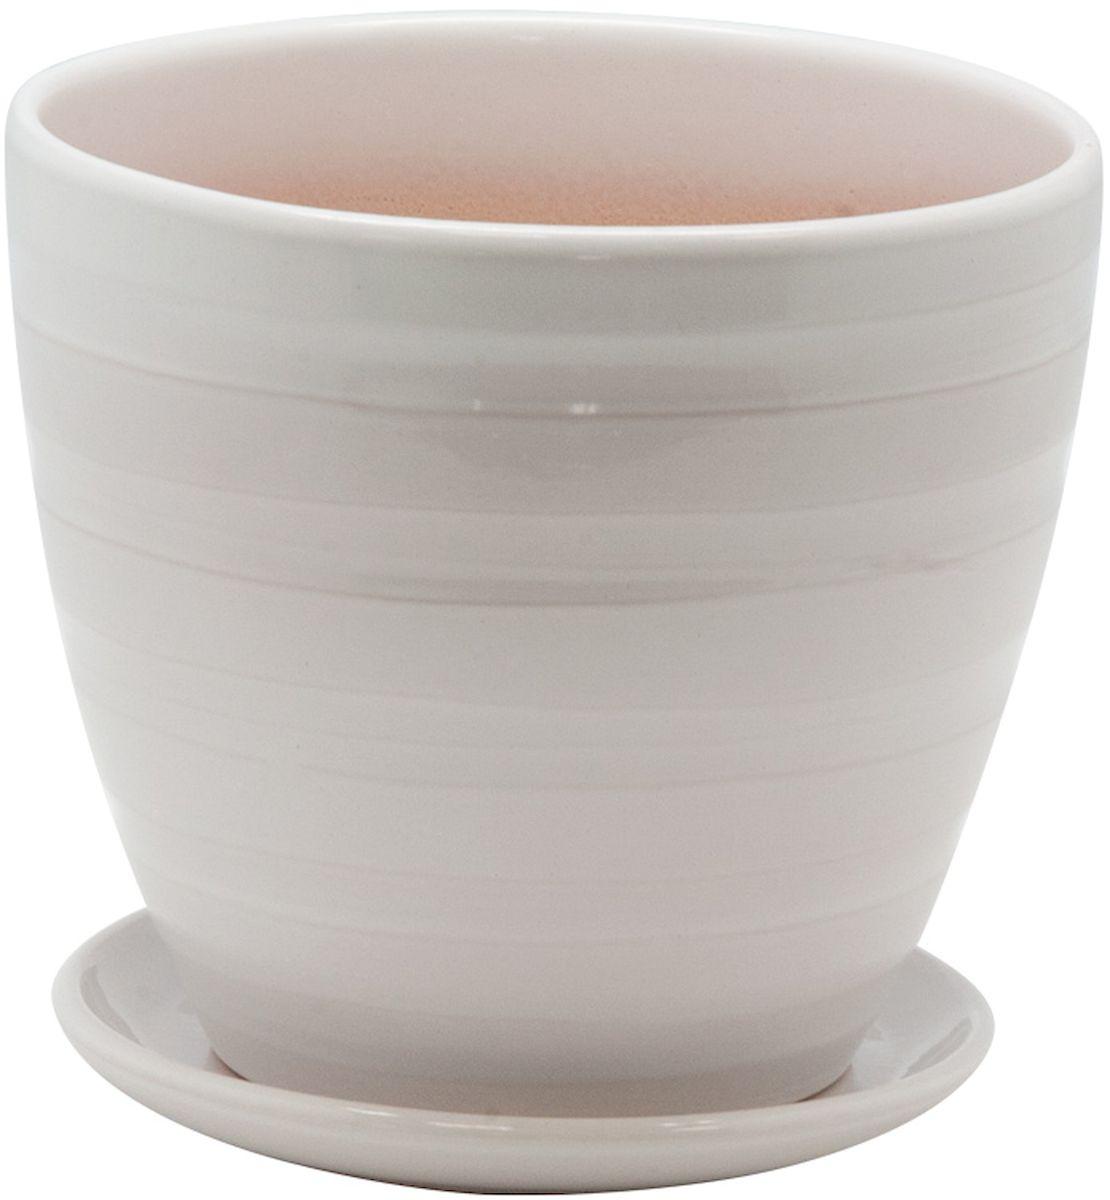 Горшок цветочный Engard, с поддоном, цвет: белый, 1,4 лBH-05-14Керамический горшок - это идеальное решение для выращивания комнатных растений и создания изысканности в интерьере. Керамический горшок сделан из высококачественной глины в классической форме и оригинальном дизайне.